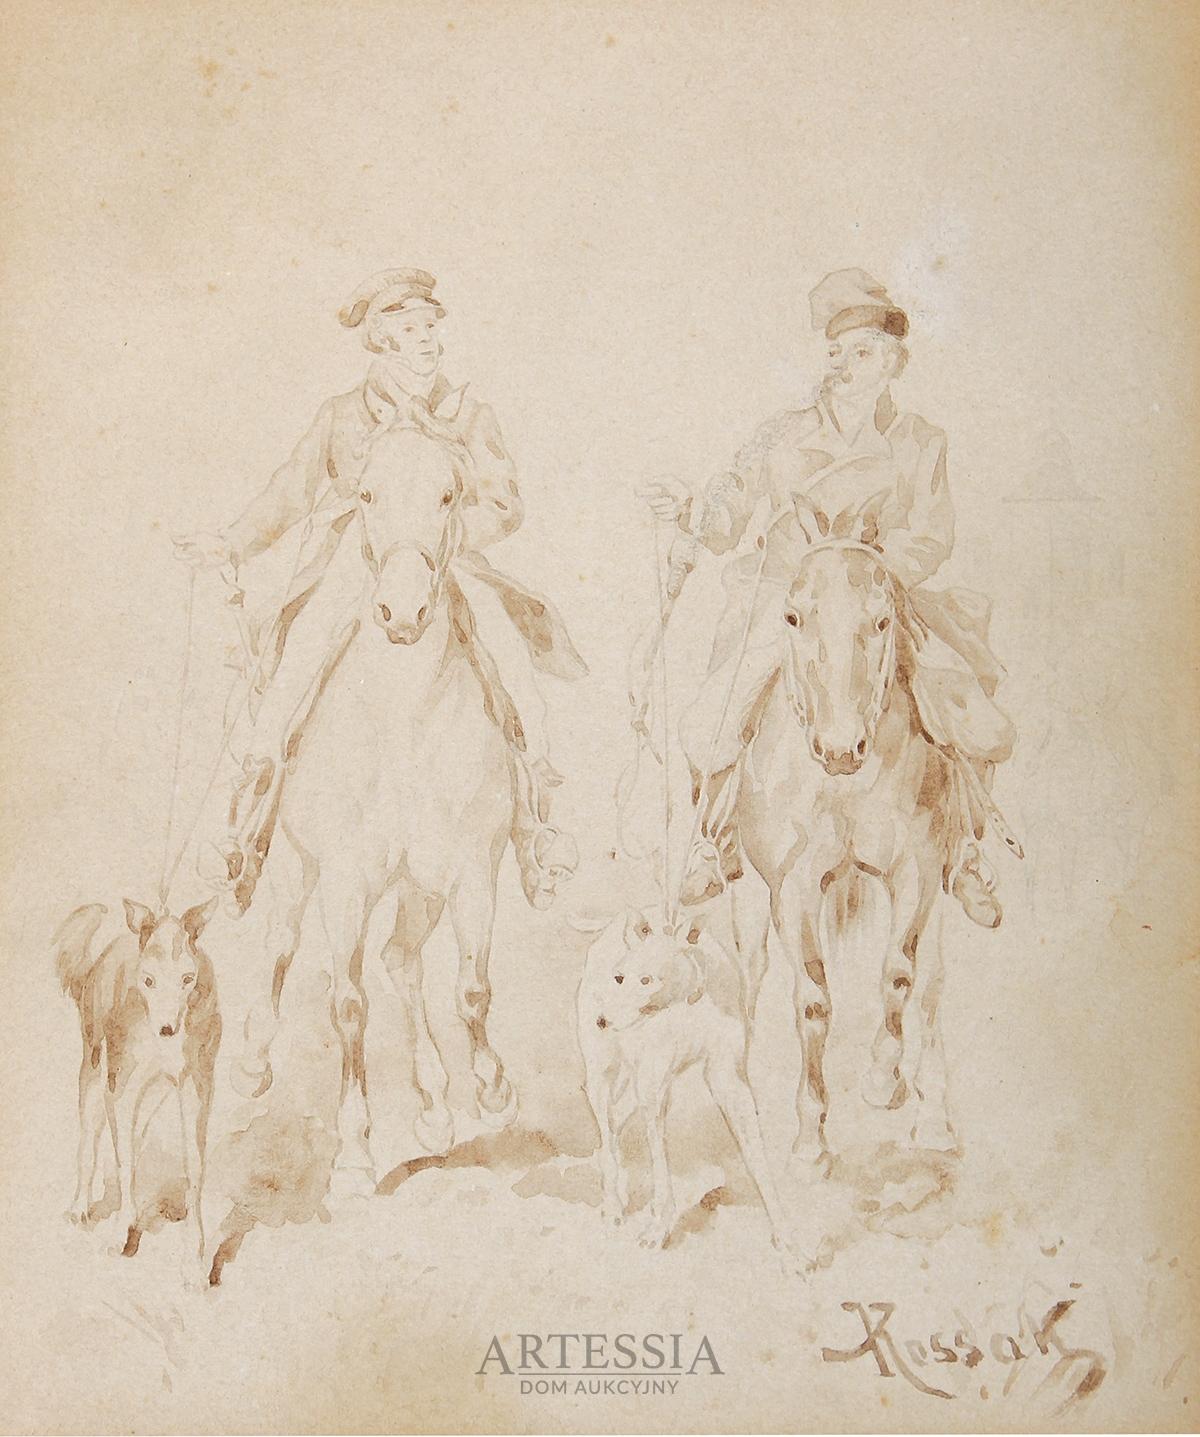 Dwaj jeźdźcy z chartami, 4 ćw. XIX w.